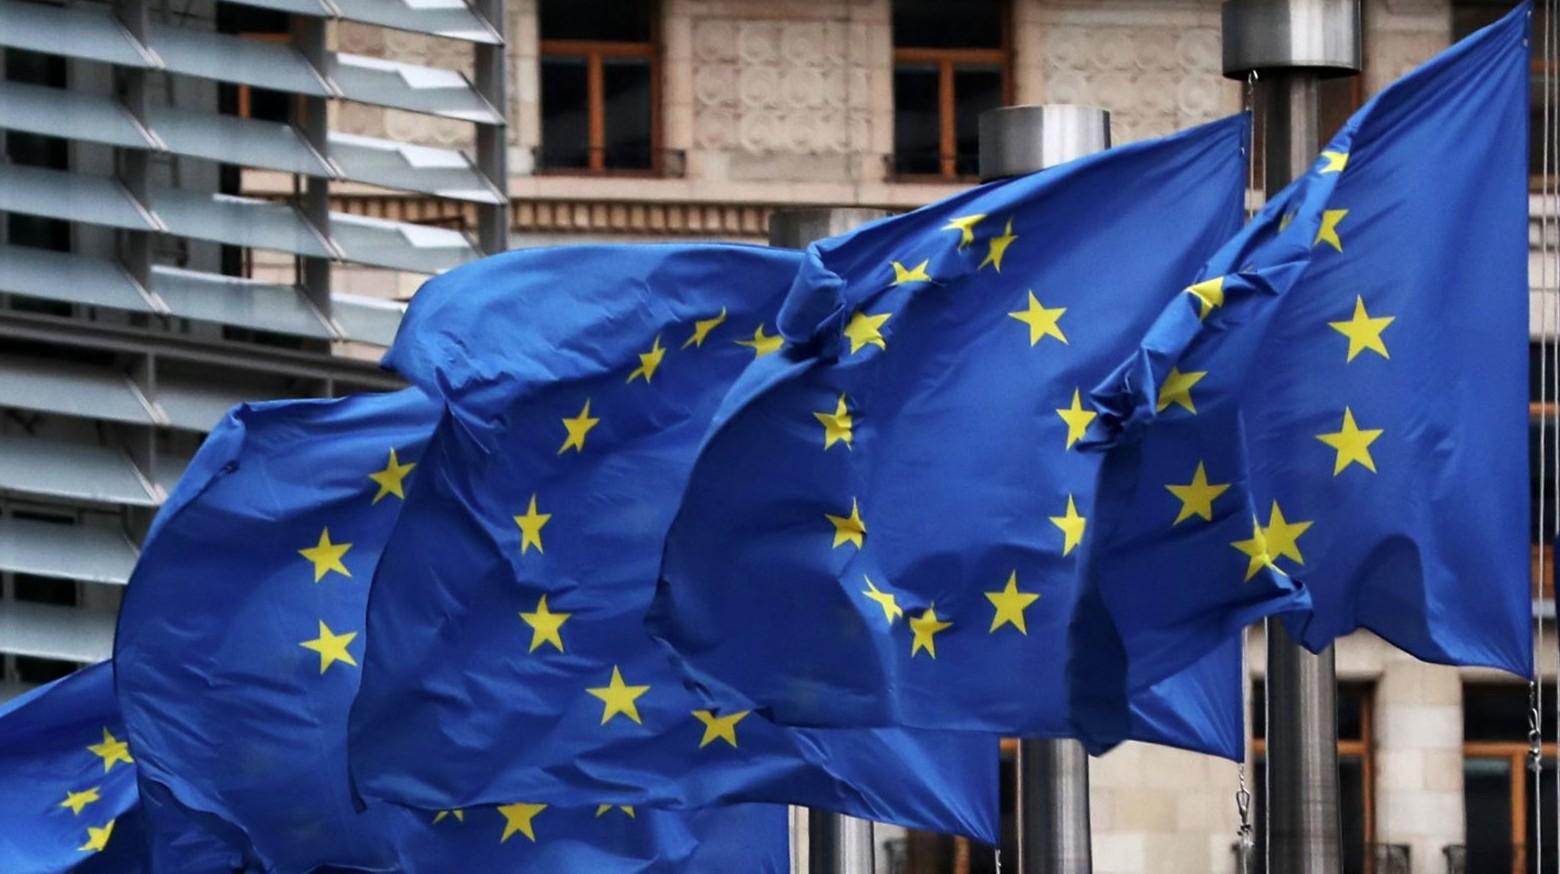 Lista e vendeve që do të lejohen të hyjnë në BE kur të hapen kufijtë!